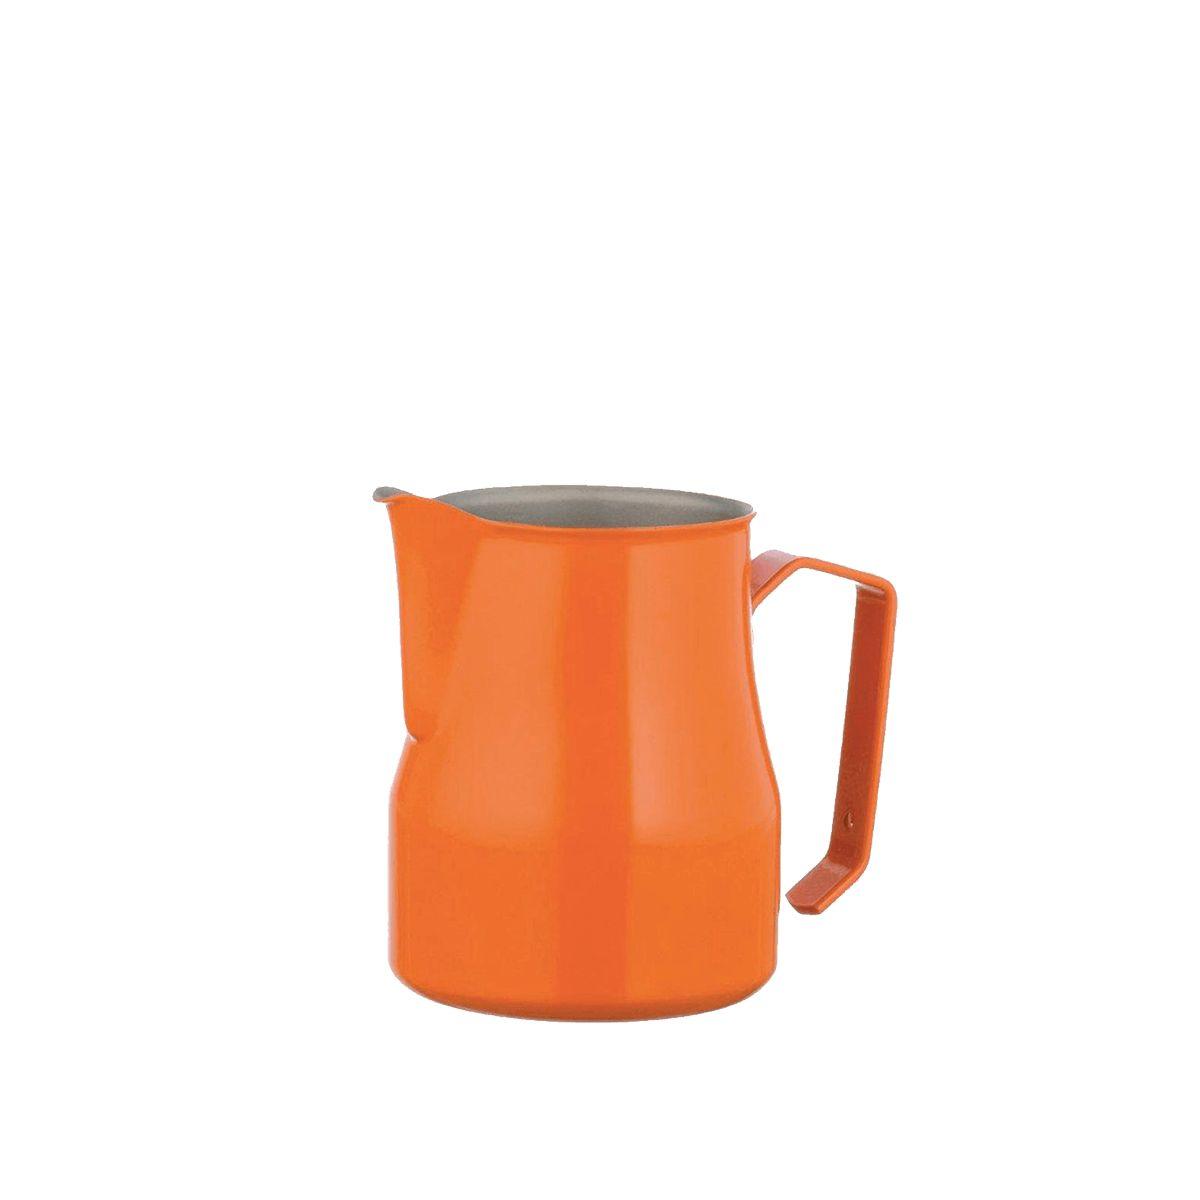 Pichet à lait en téflon – Motta – Orange